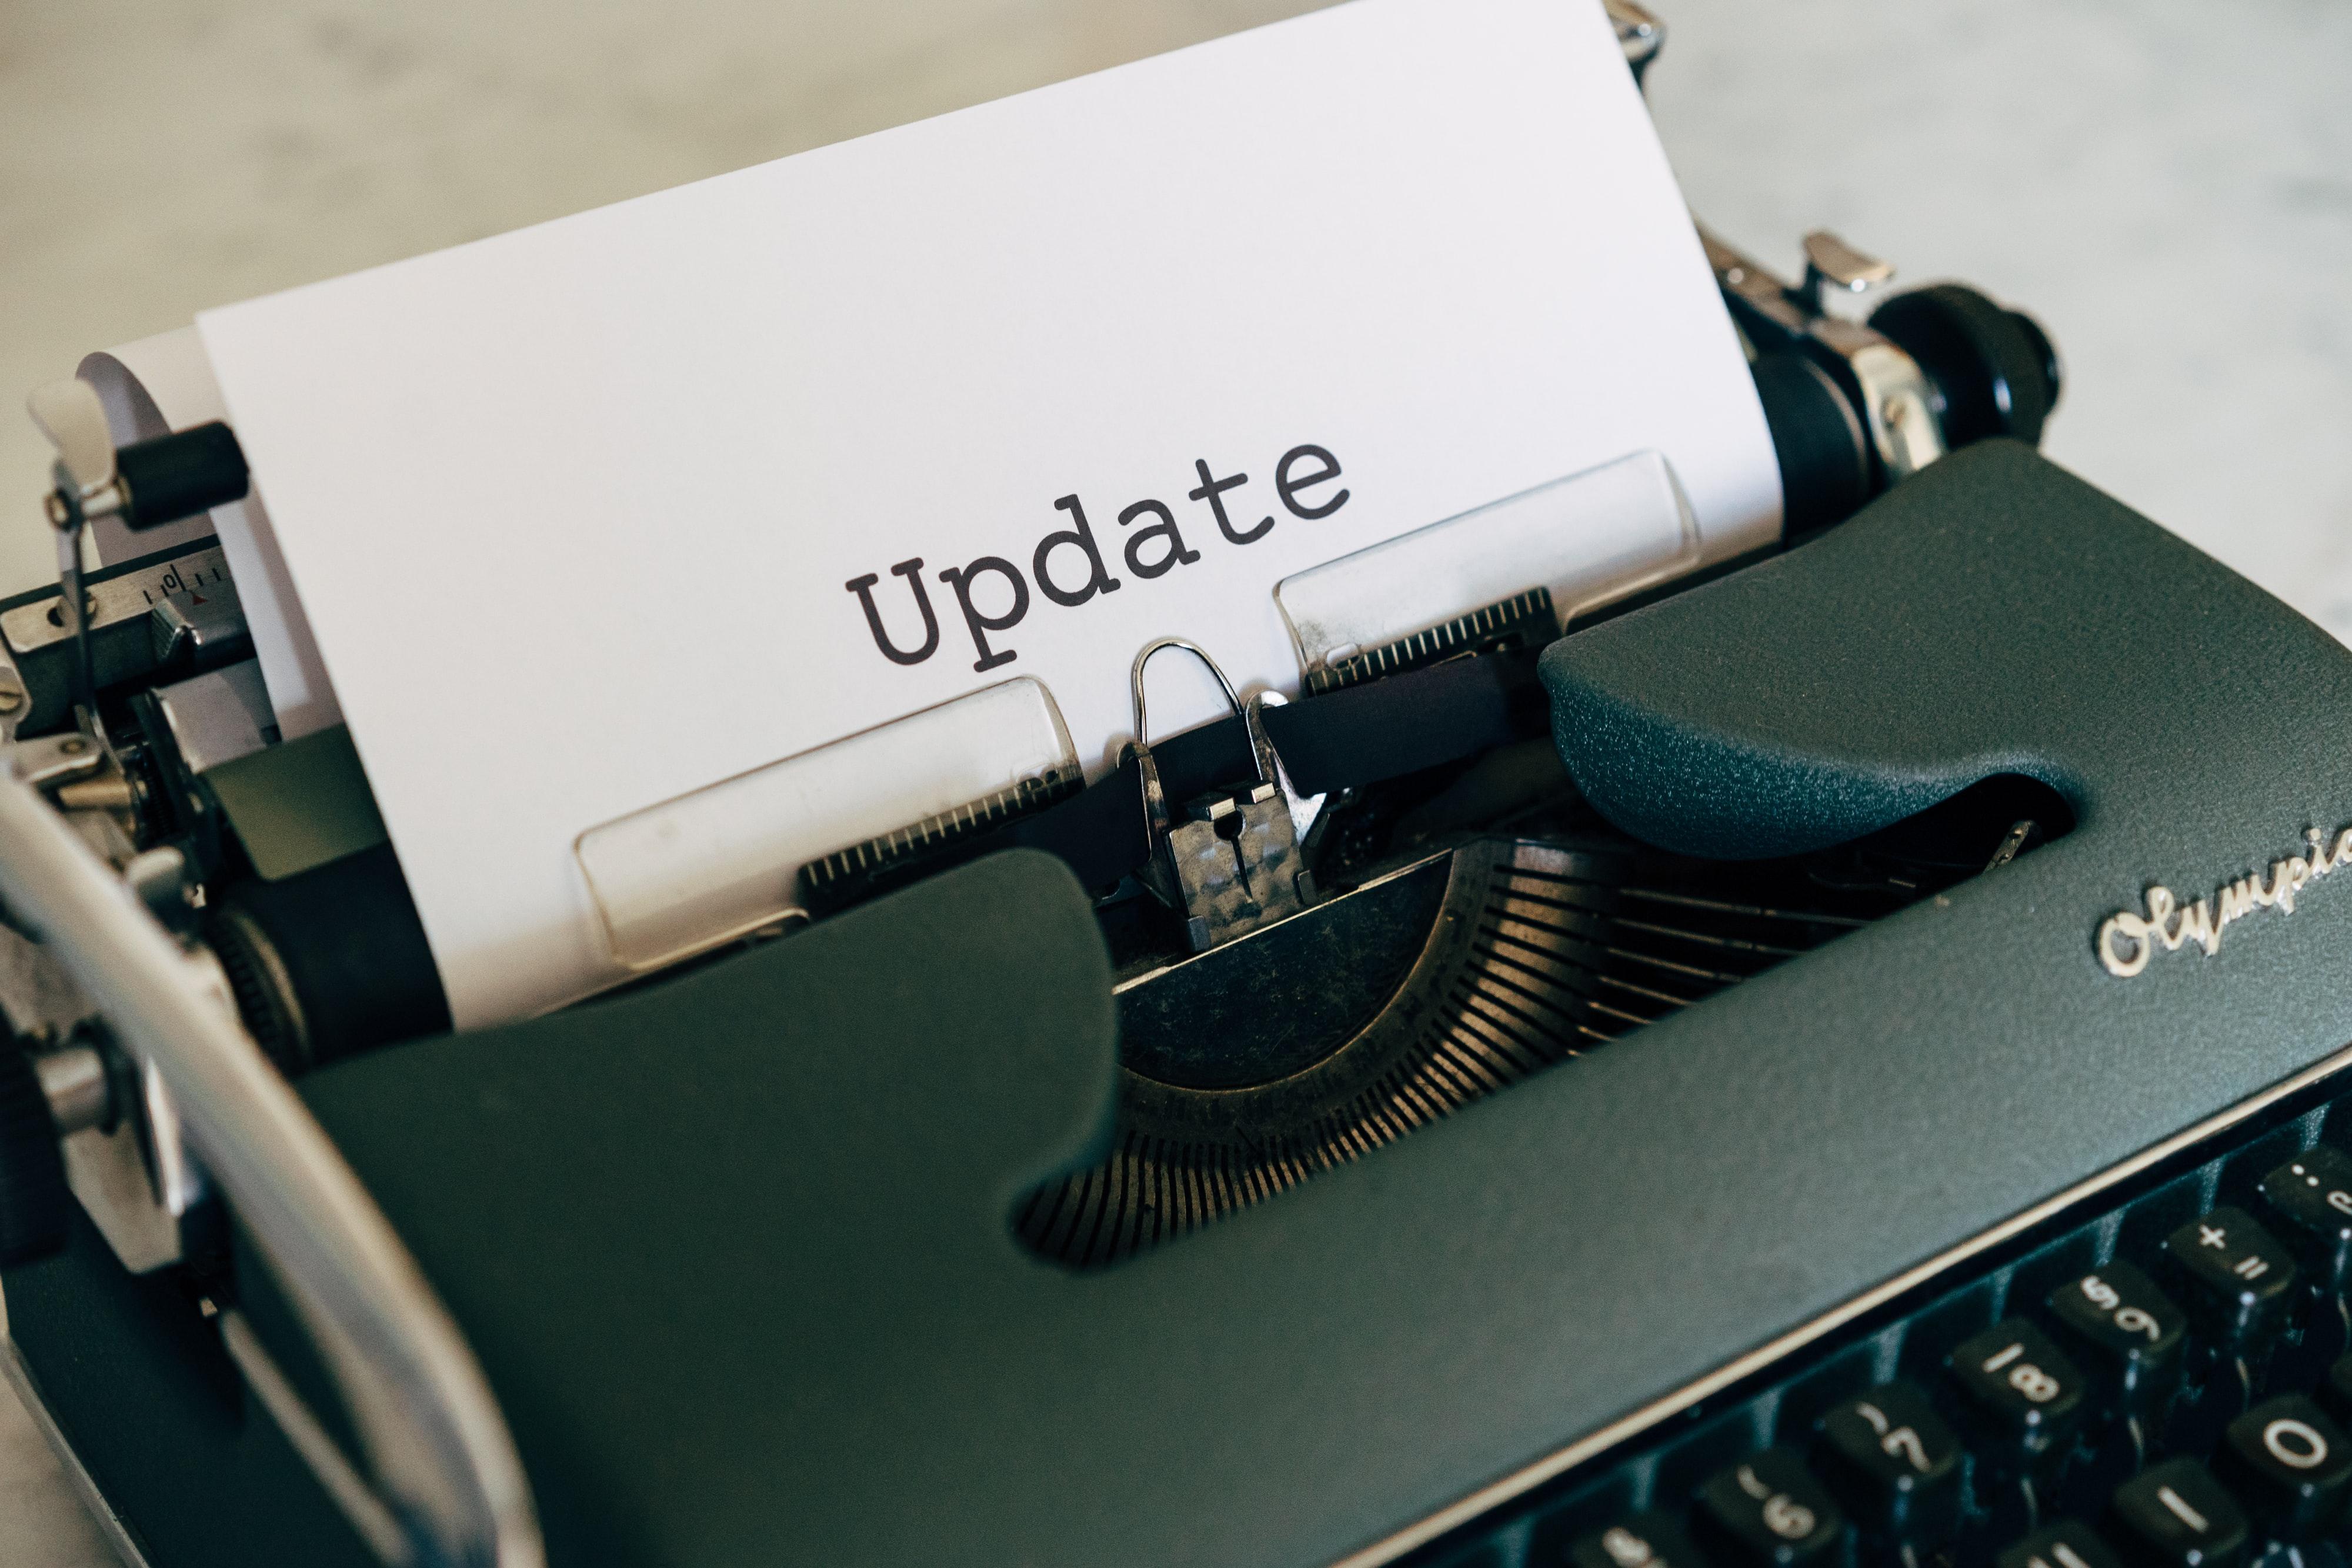 Nyt på platformen: Opdateringsfrekvens og Andres Data